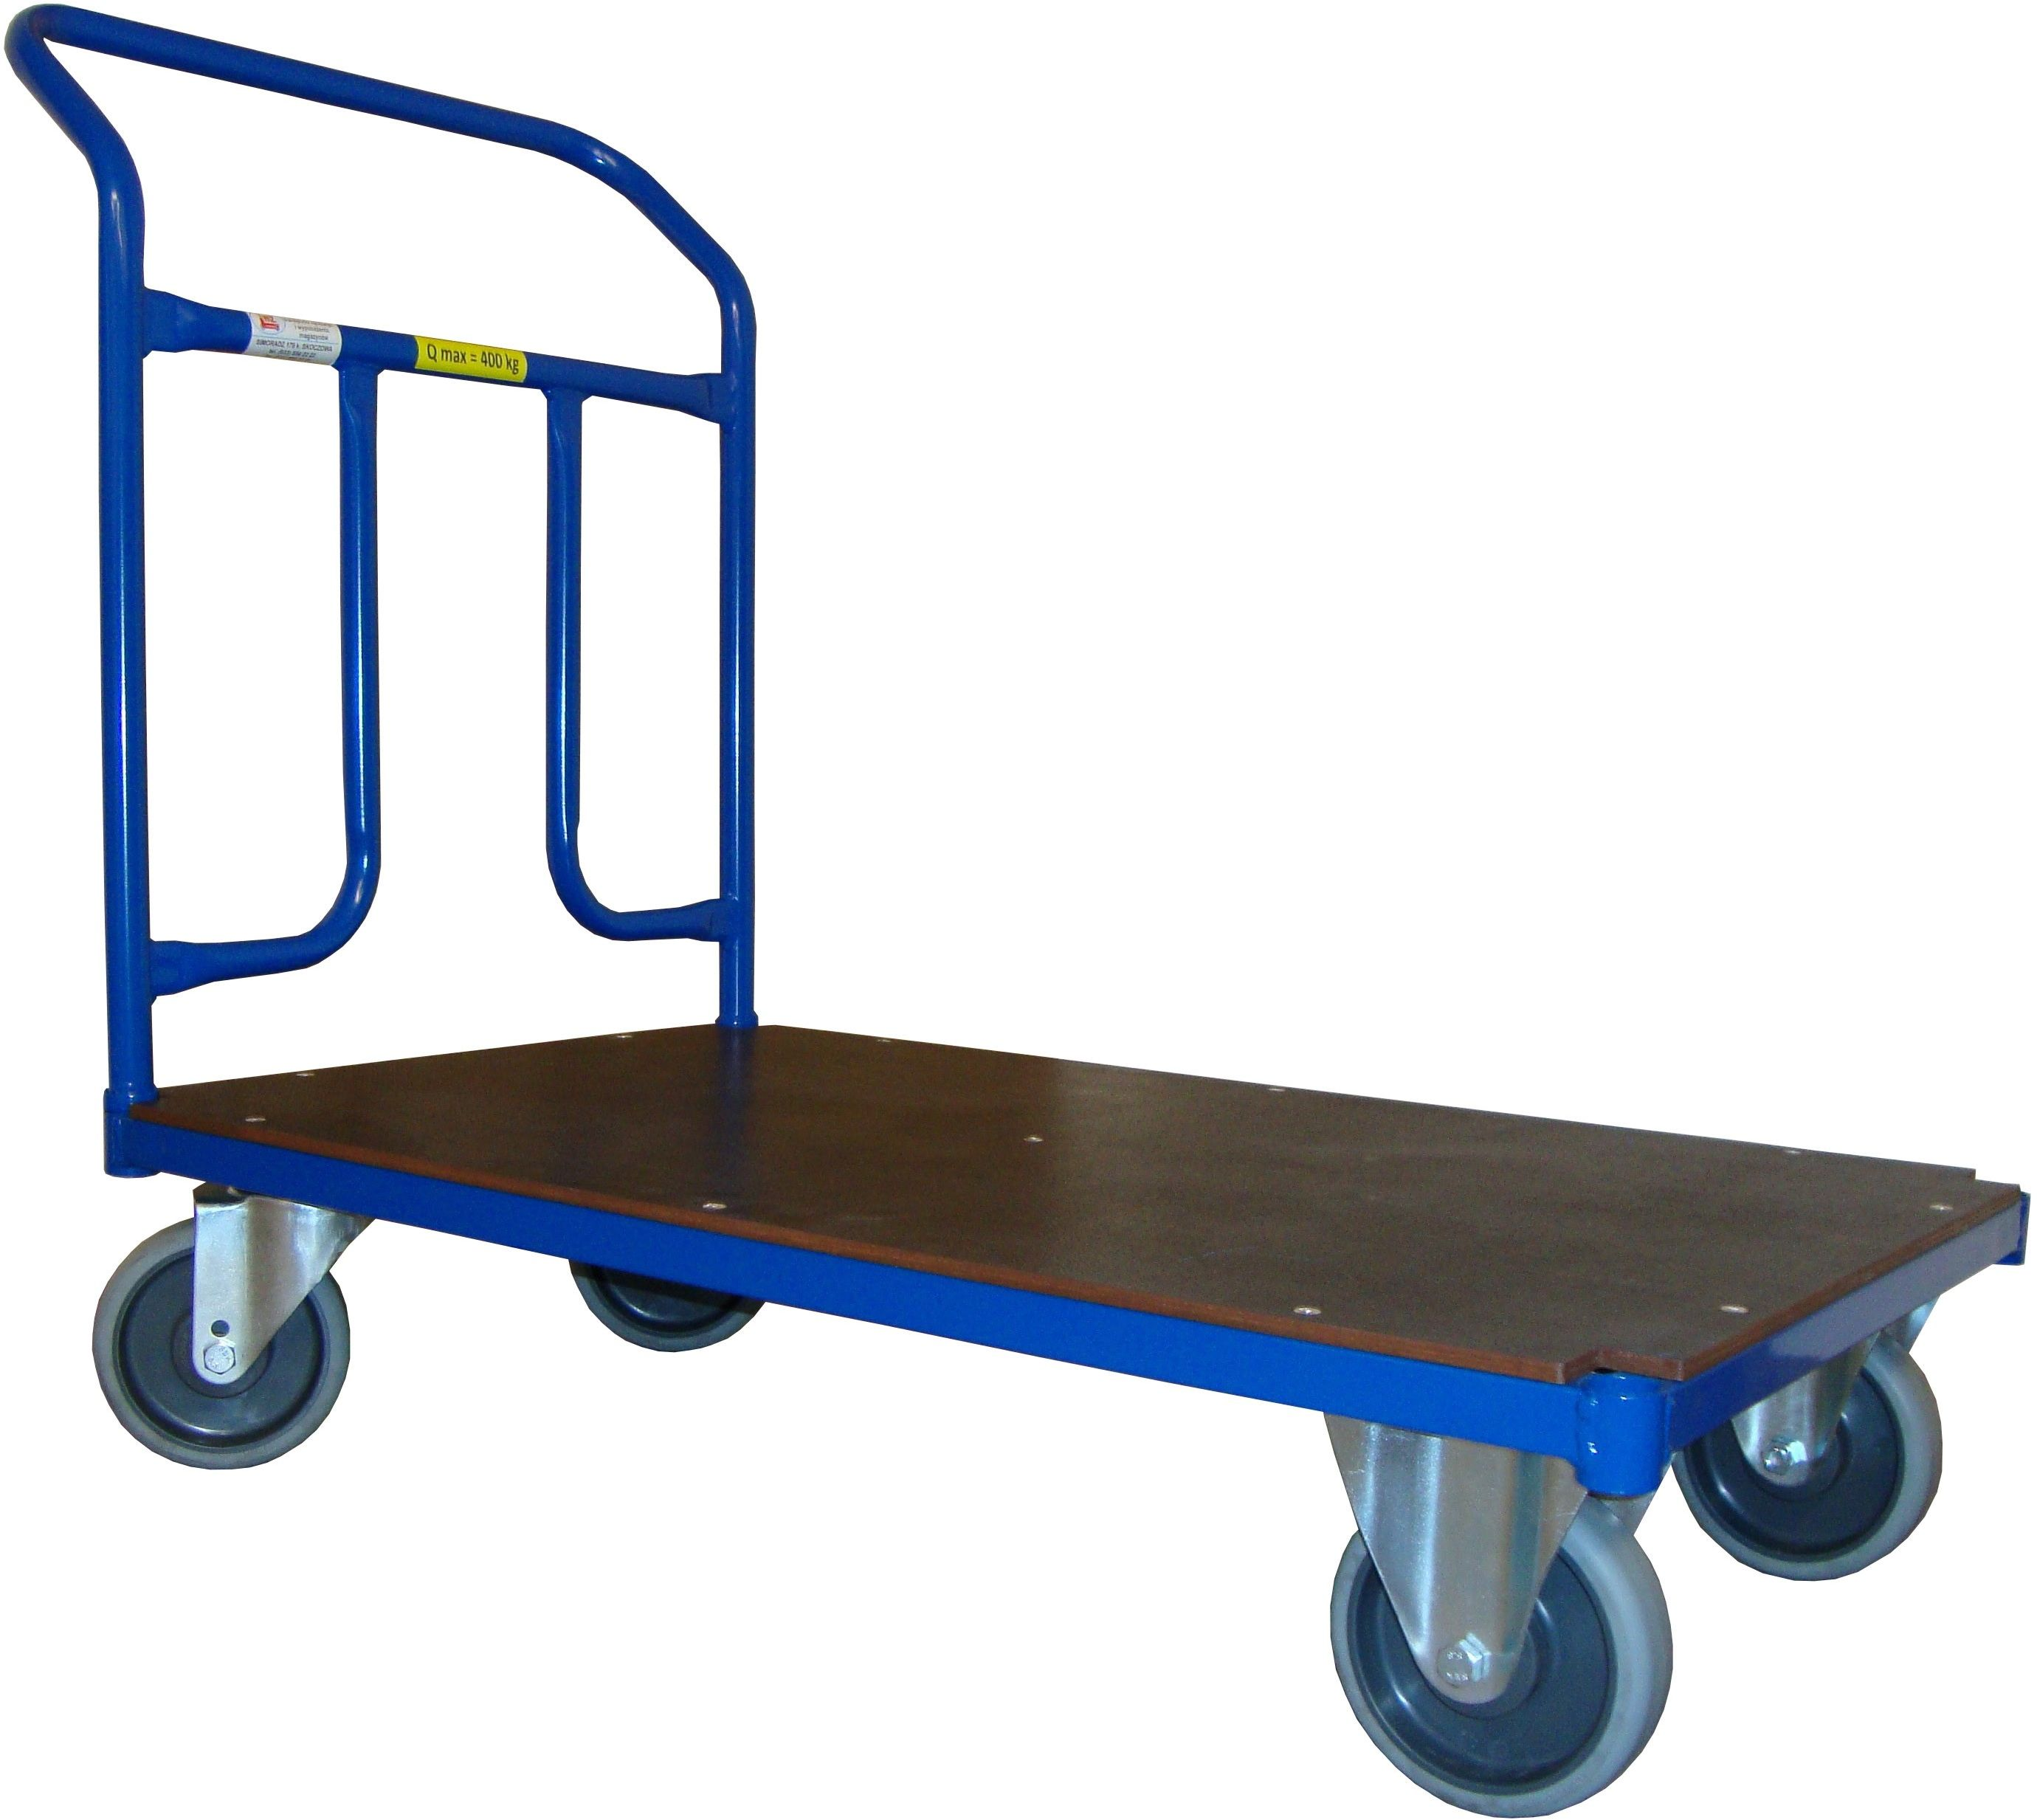 Wózek magazynowy platformowy, sklejka, 600 kg